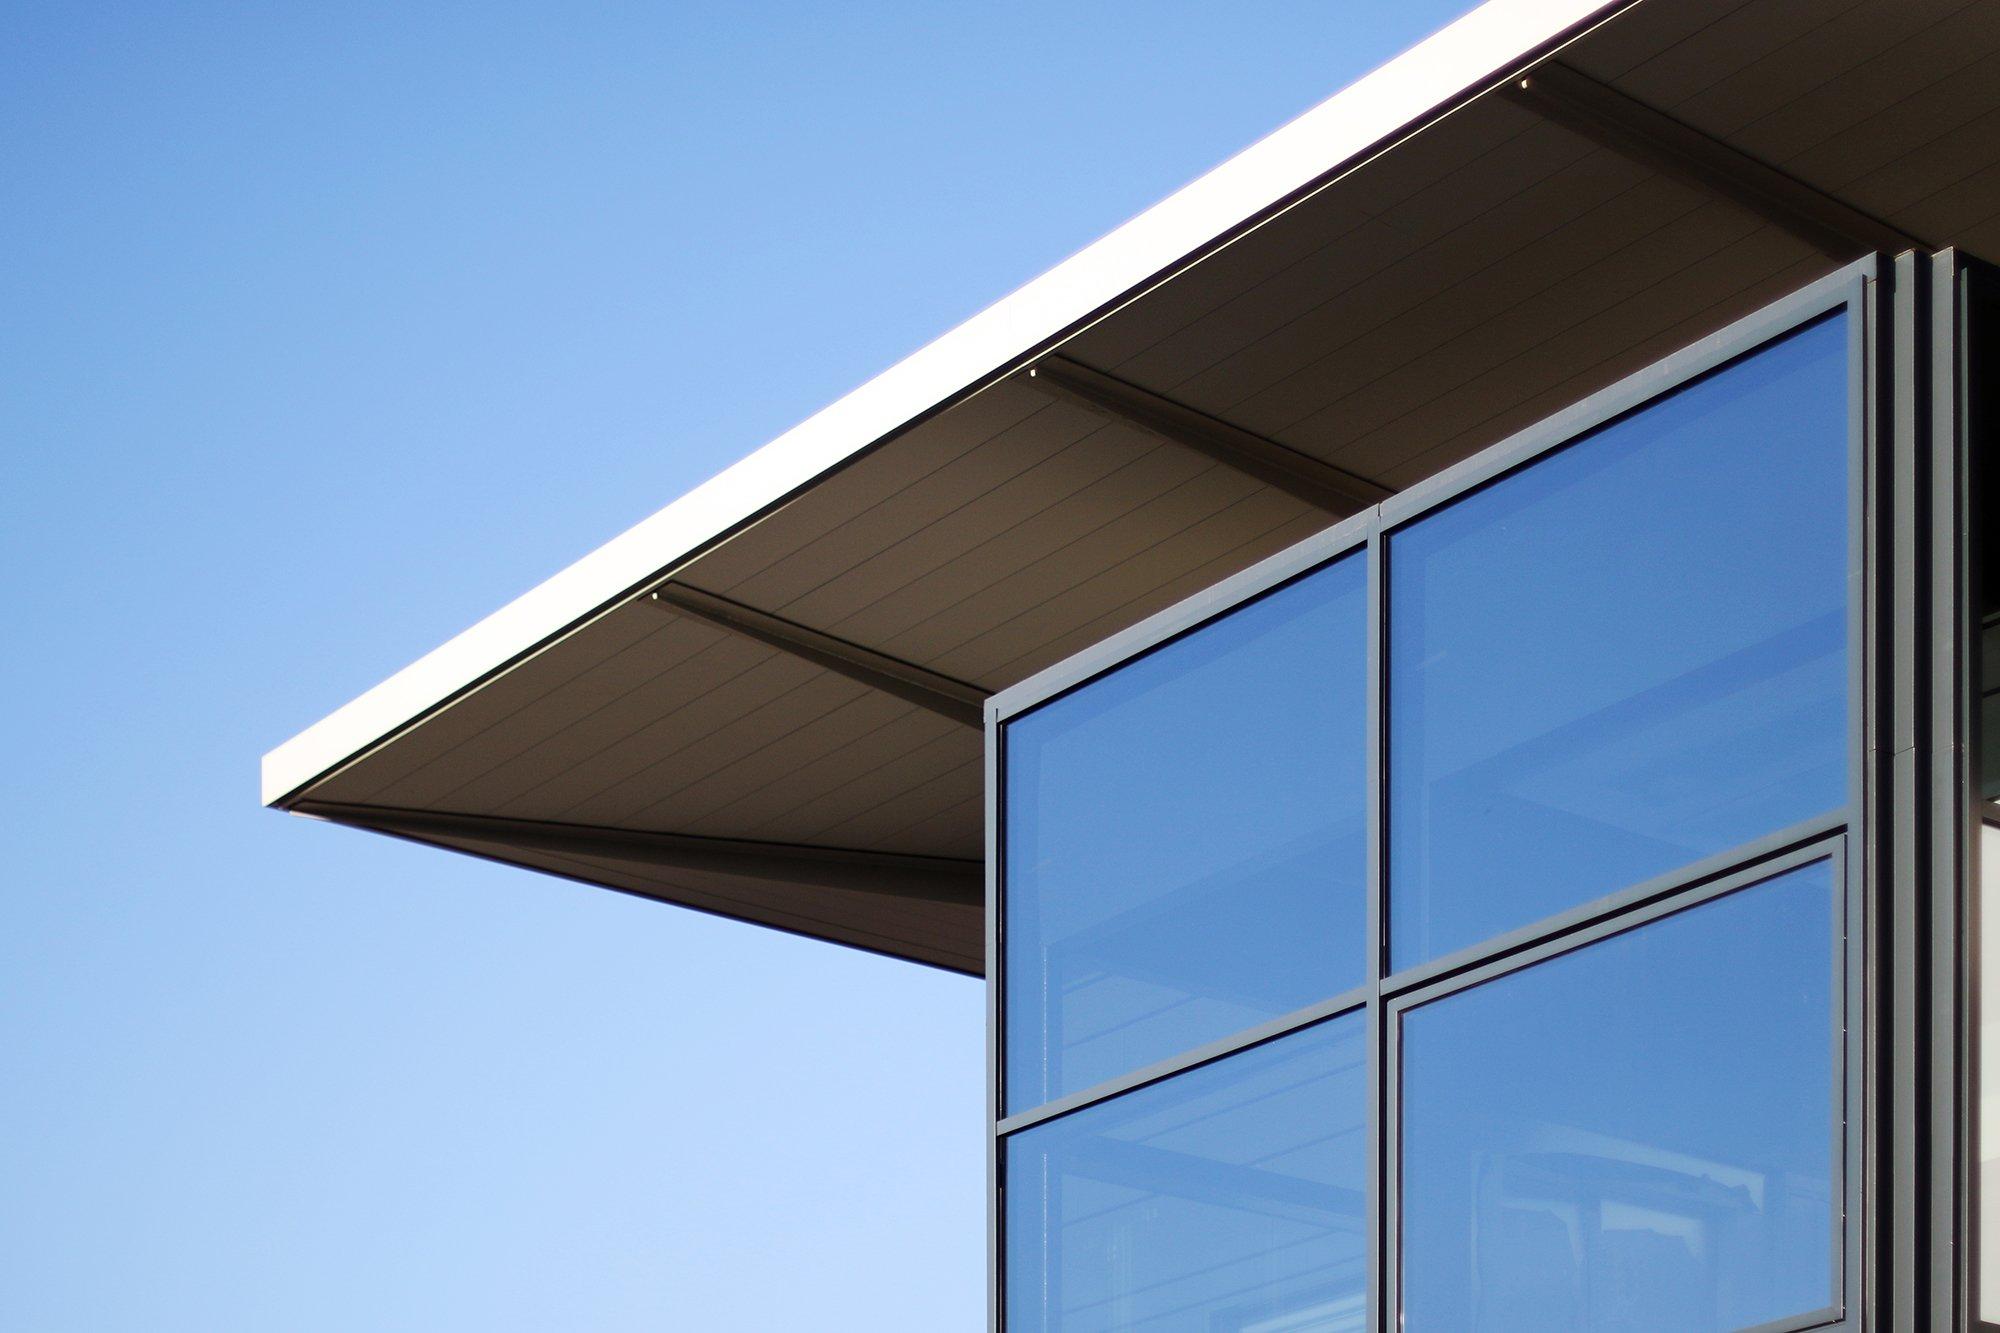 MAURISTUDIO-umberto-mauri-mauri-studio-bosisio-parini-New-Office-Building-Bosisio-Parini-Lecco-work-in-progress-Ventilated-Facade_final_09_2000